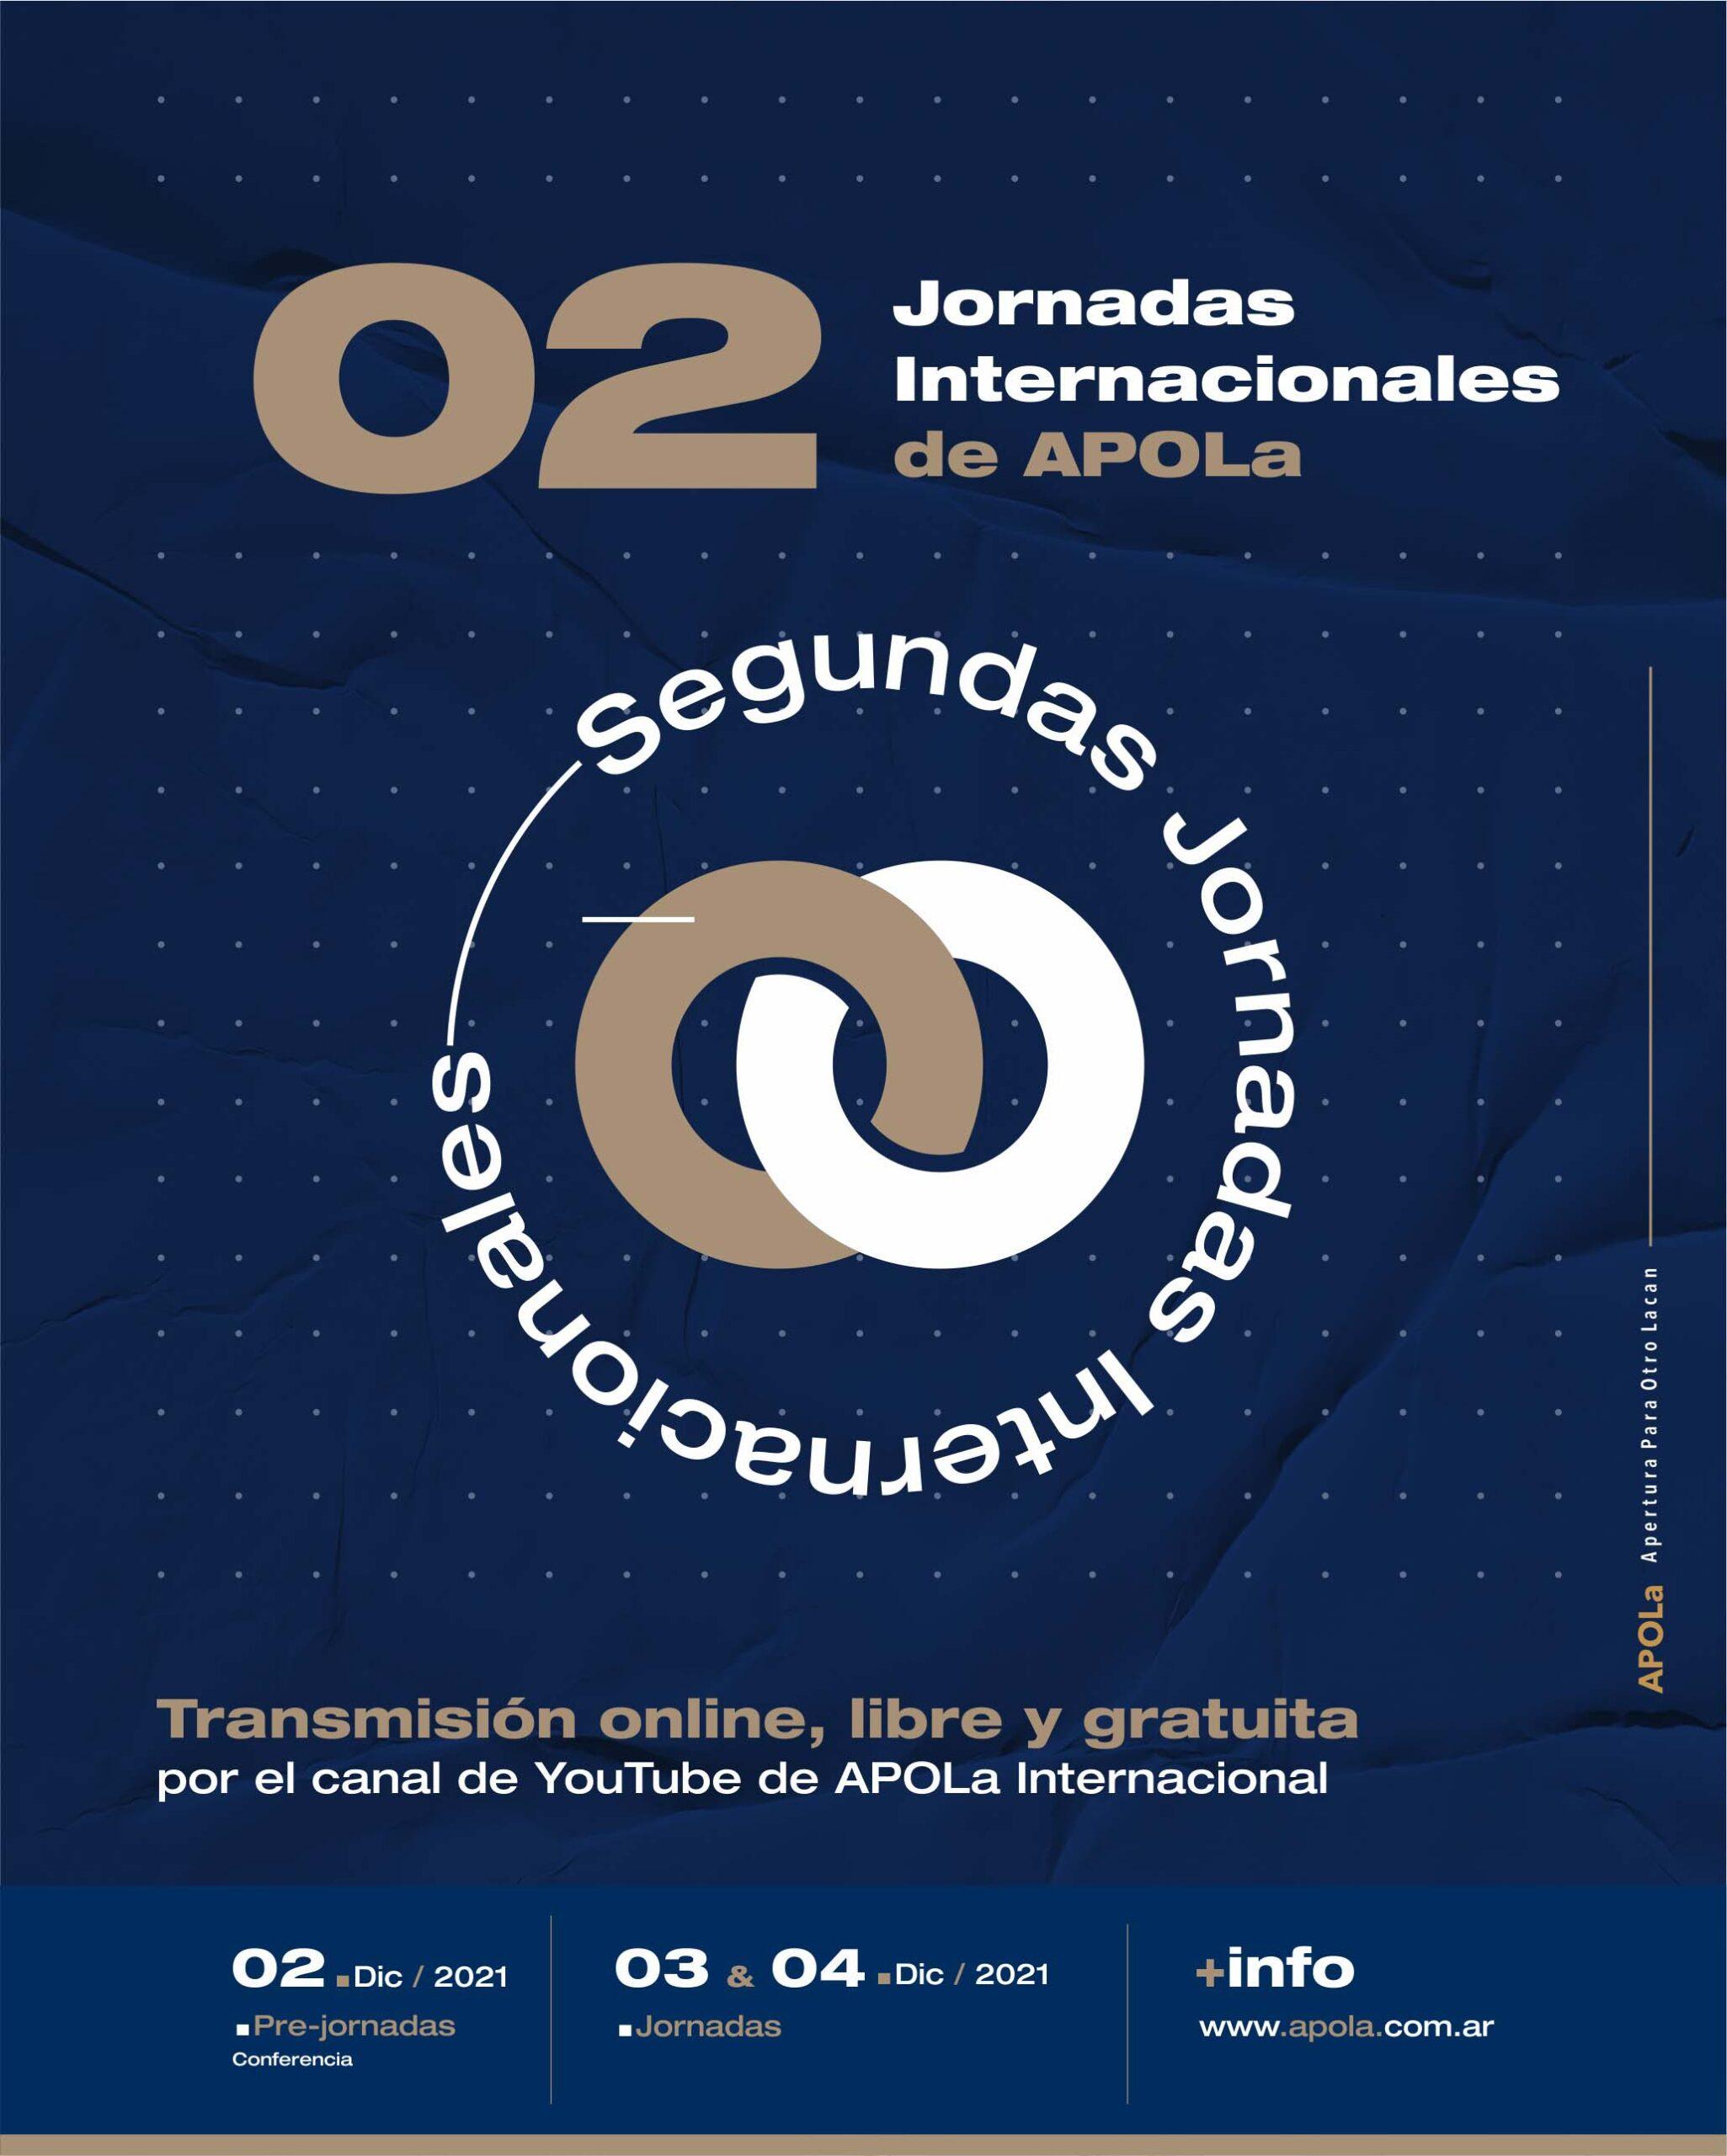 2° Jornadas Internacionales de APOLa